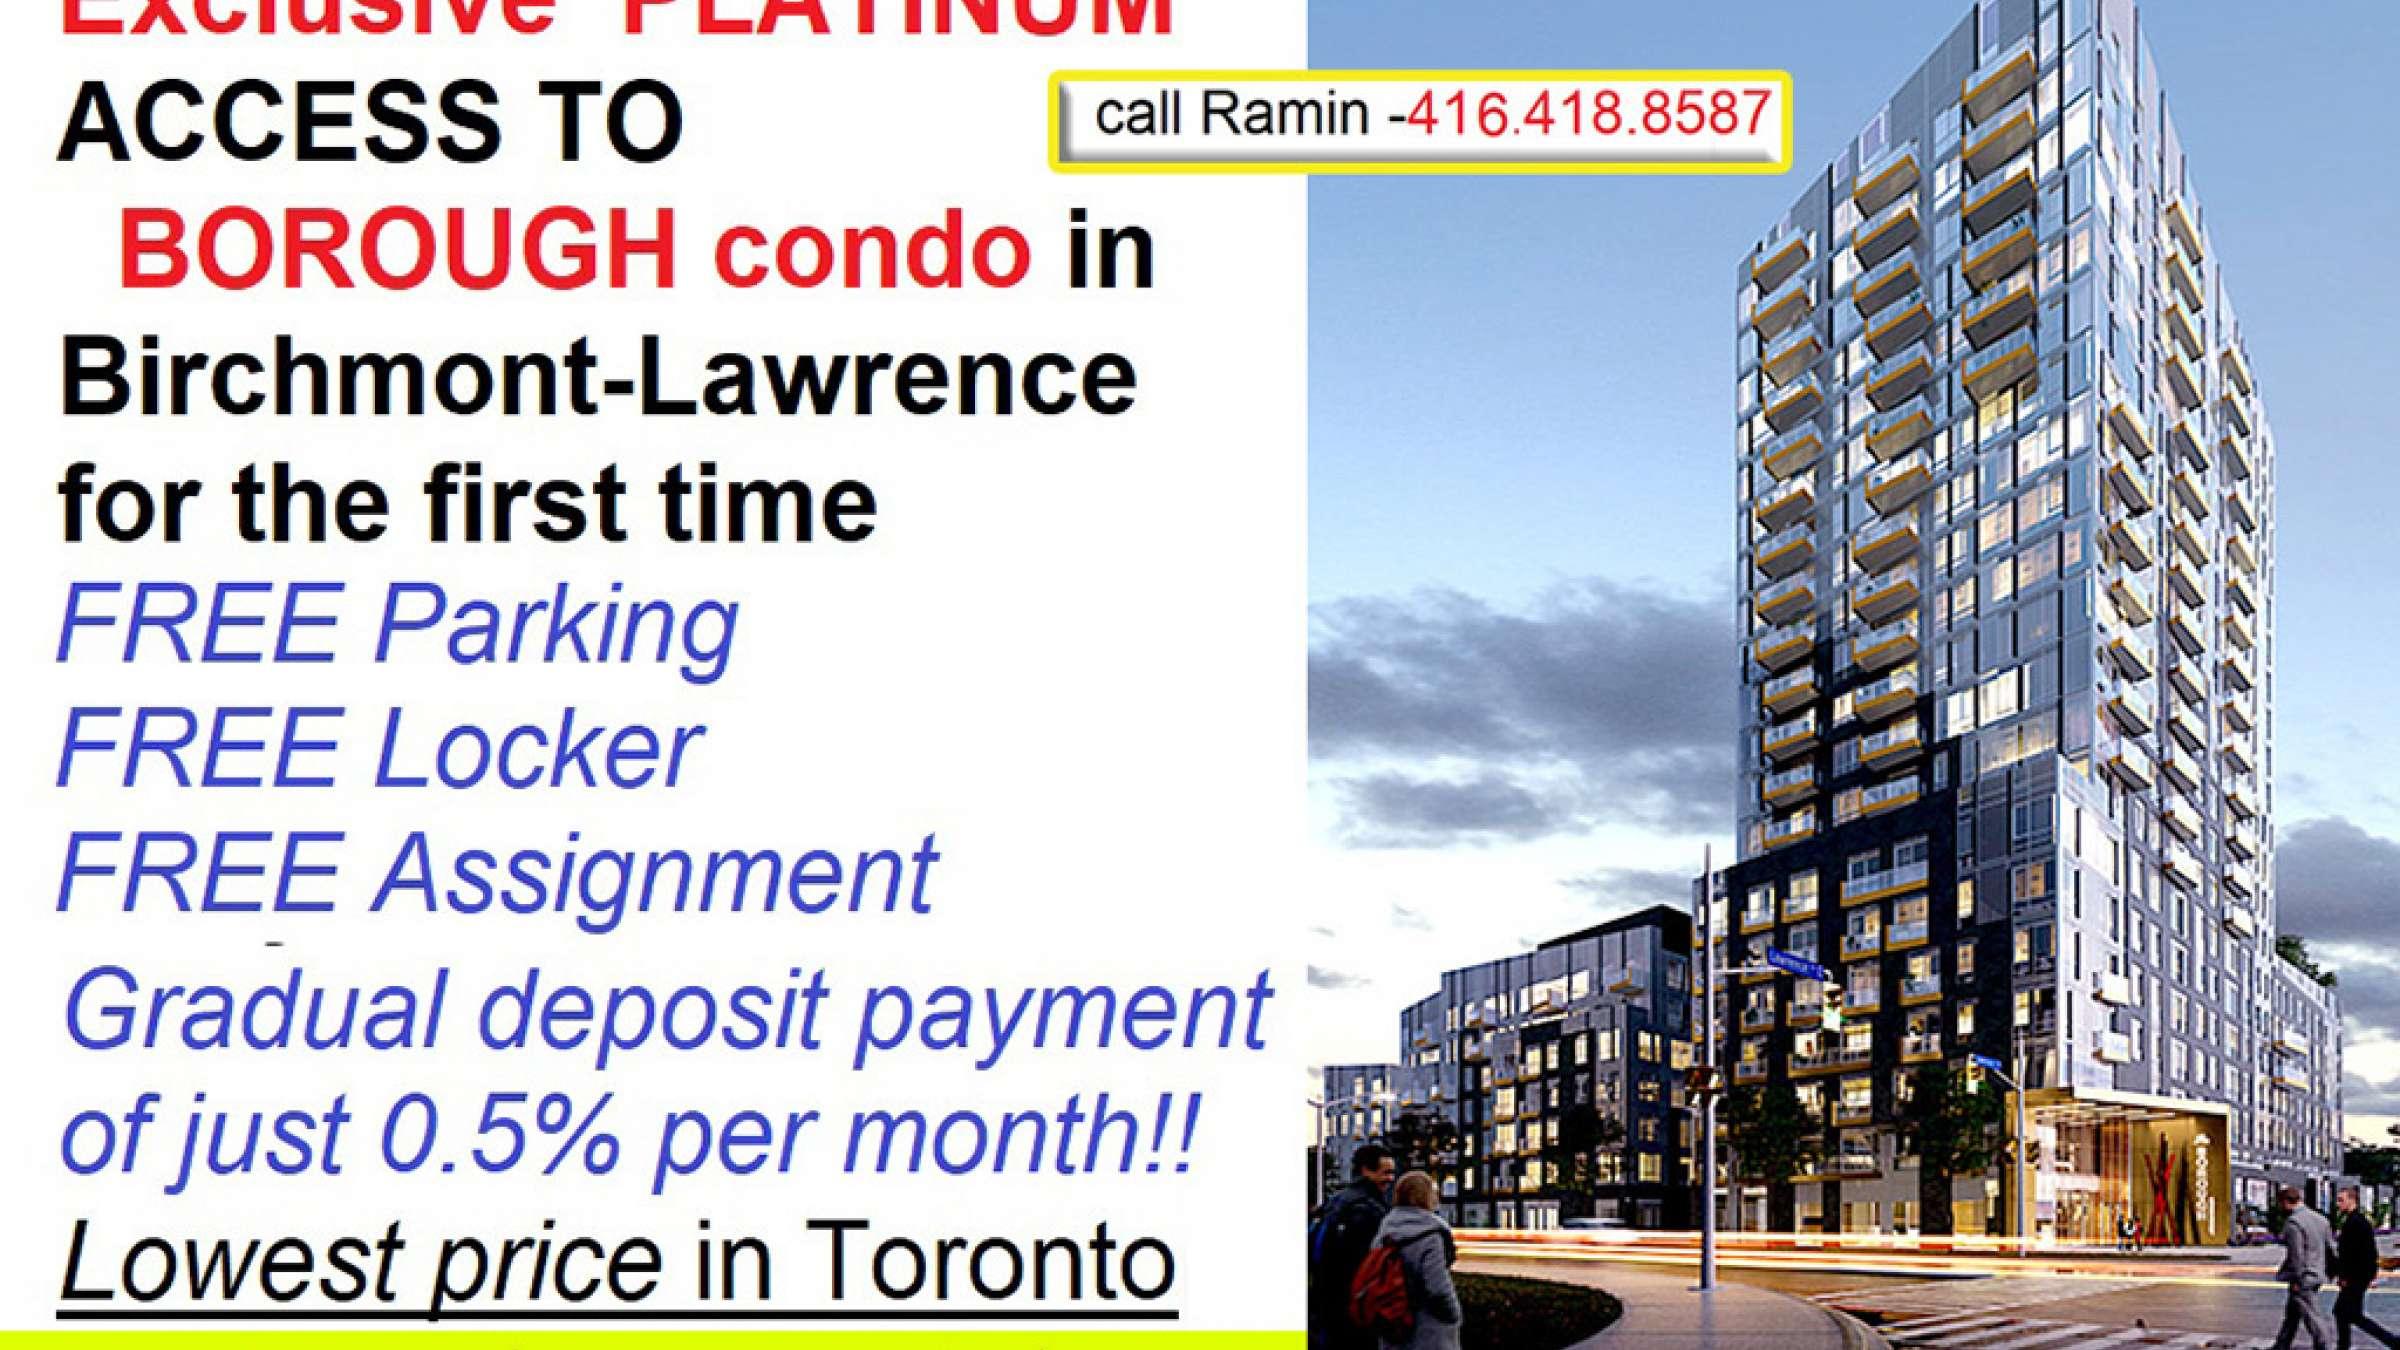 املاک-سیروسی-برای-اولین-بار-و-فقط-برای-یک-هفته-پیشخرید-آپارتمان-با-ماهی-نیمدرصد